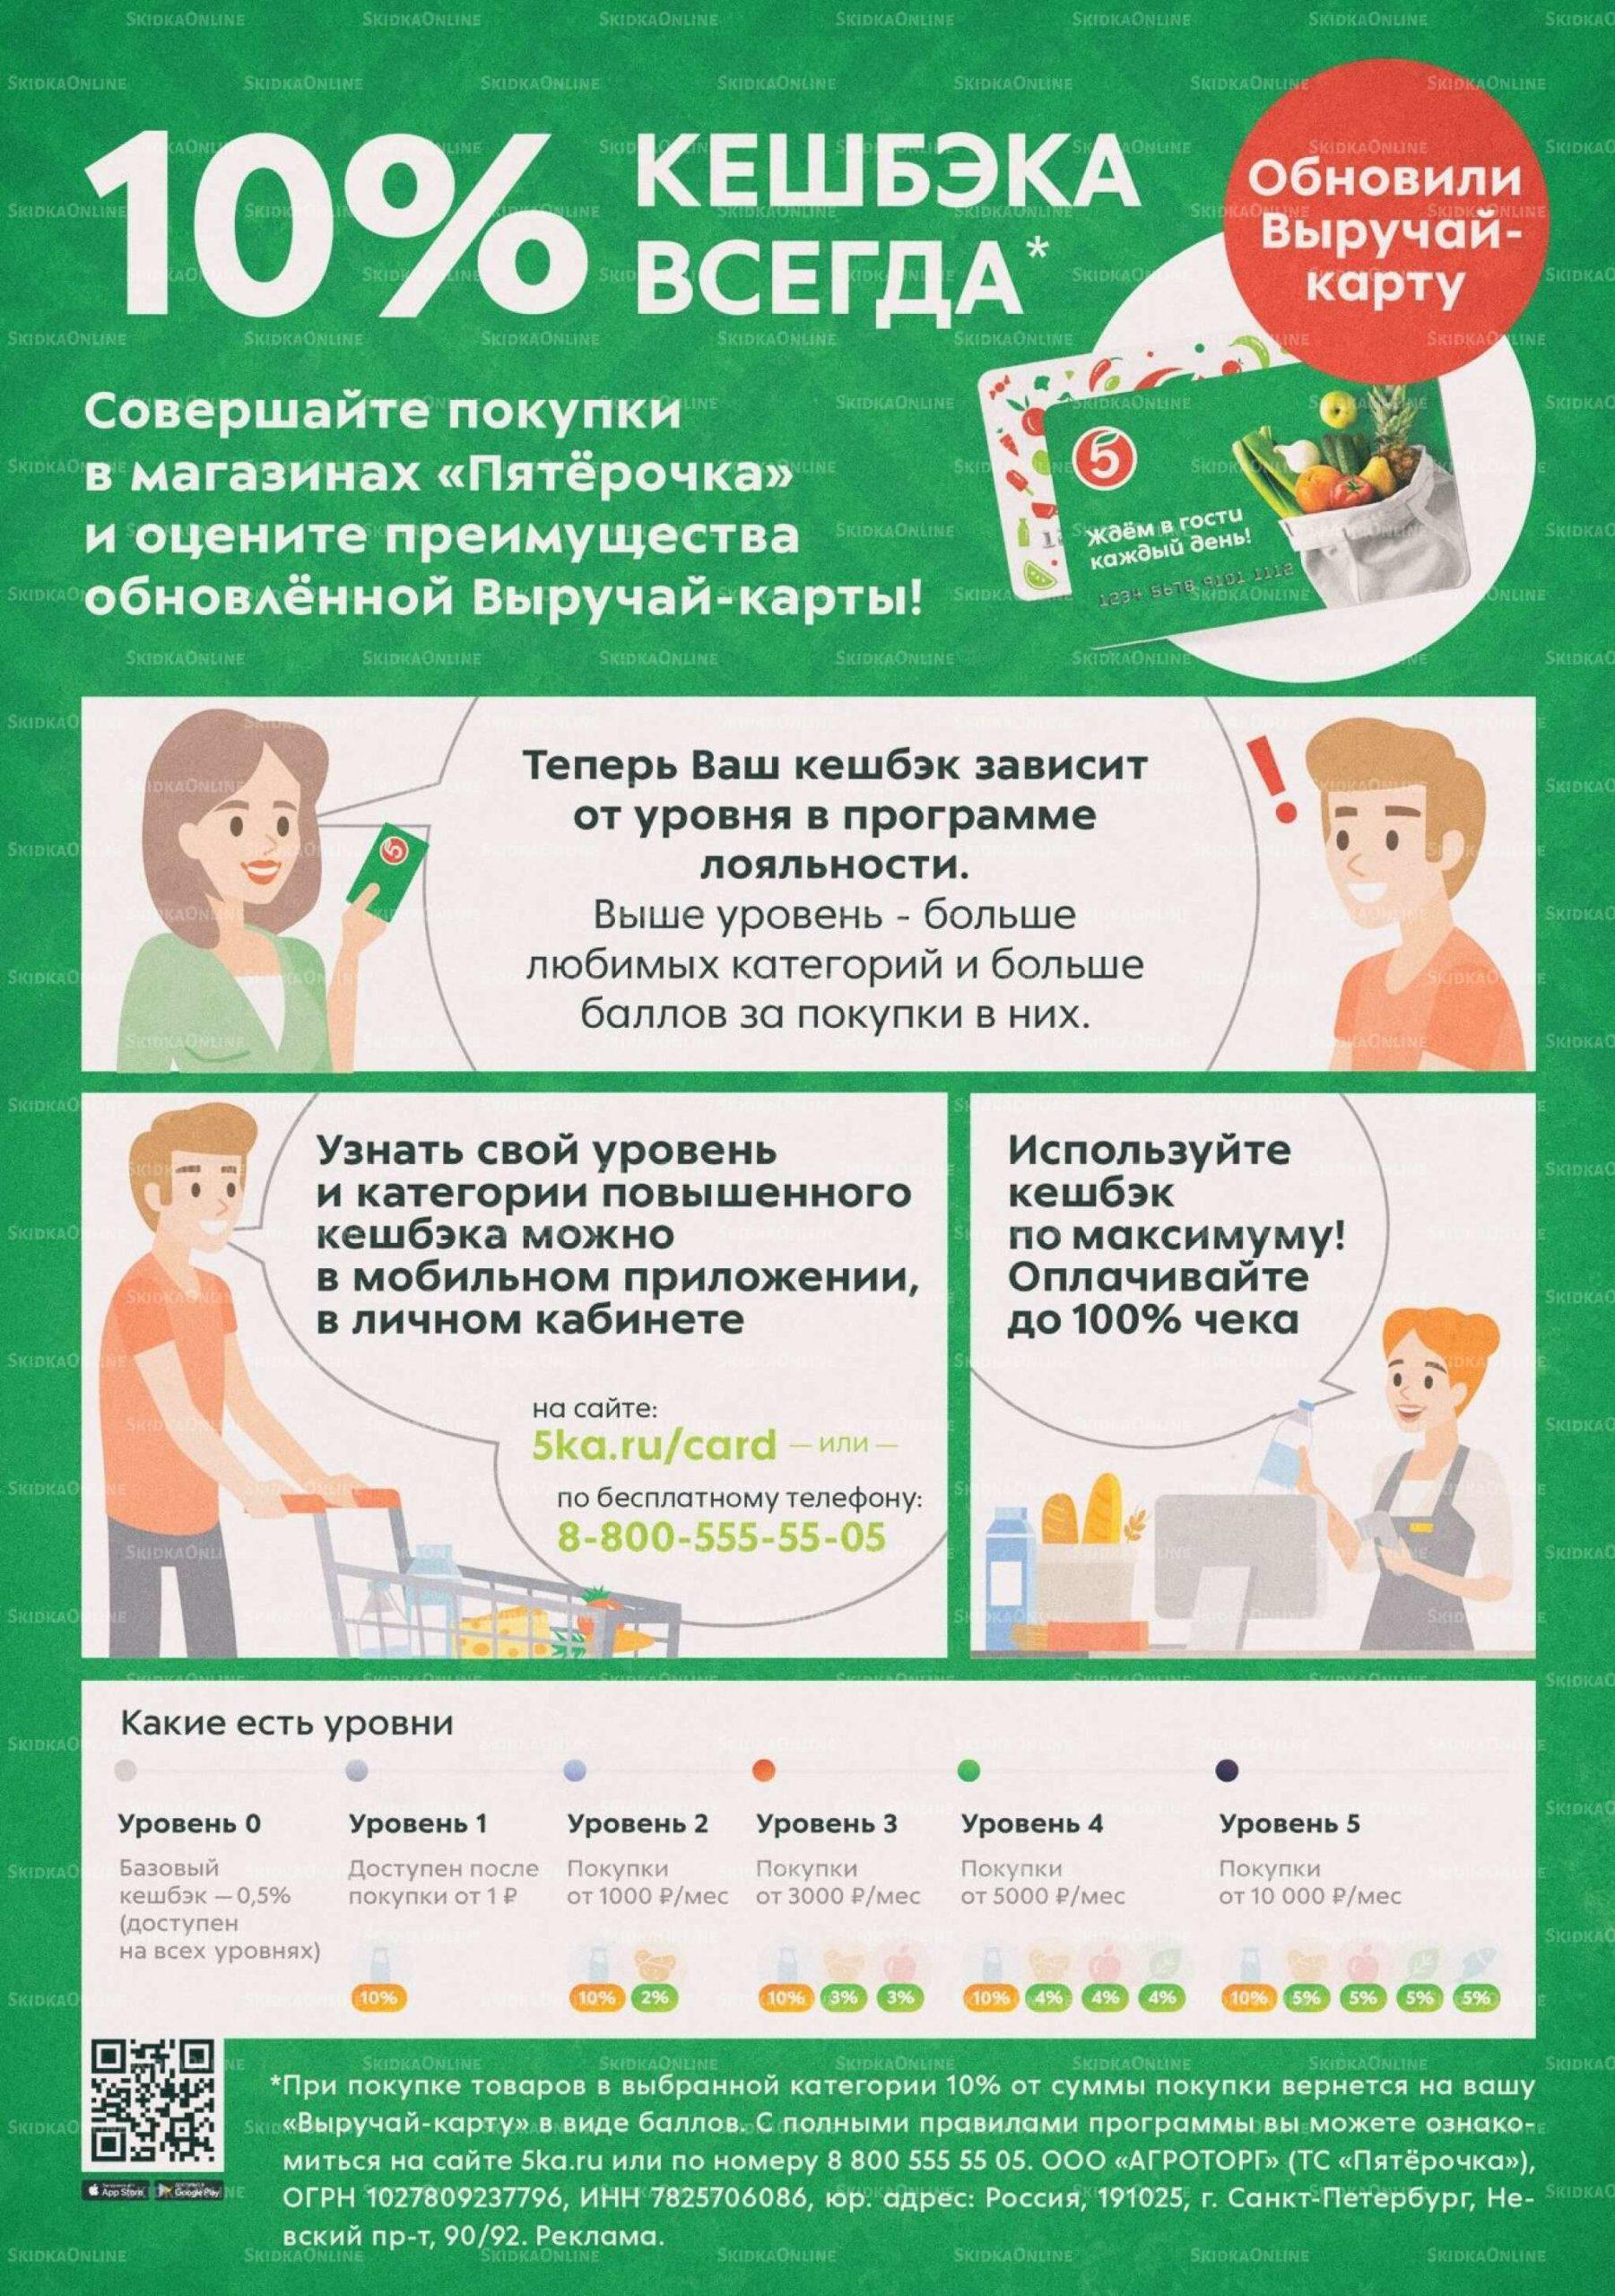 Акции в Пятёрочке с 13 по 19 июля 2021 года